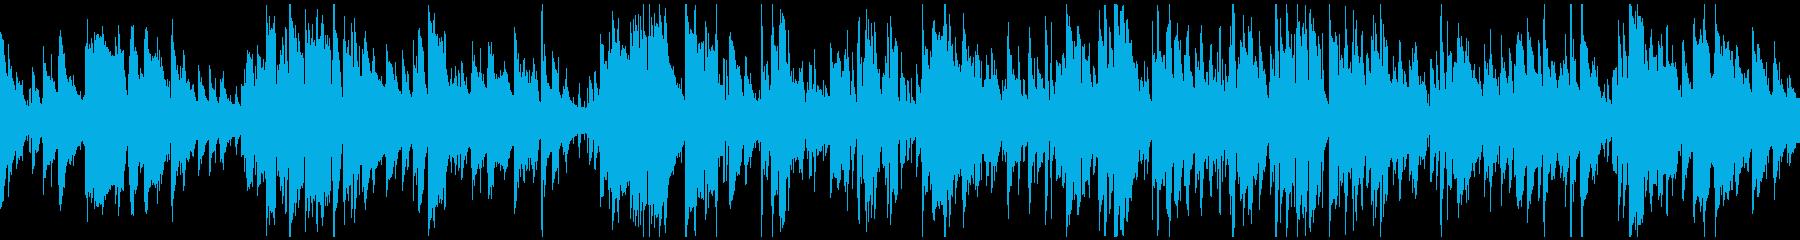 スマートで神秘的ゆったりジャズ※ループ版の再生済みの波形